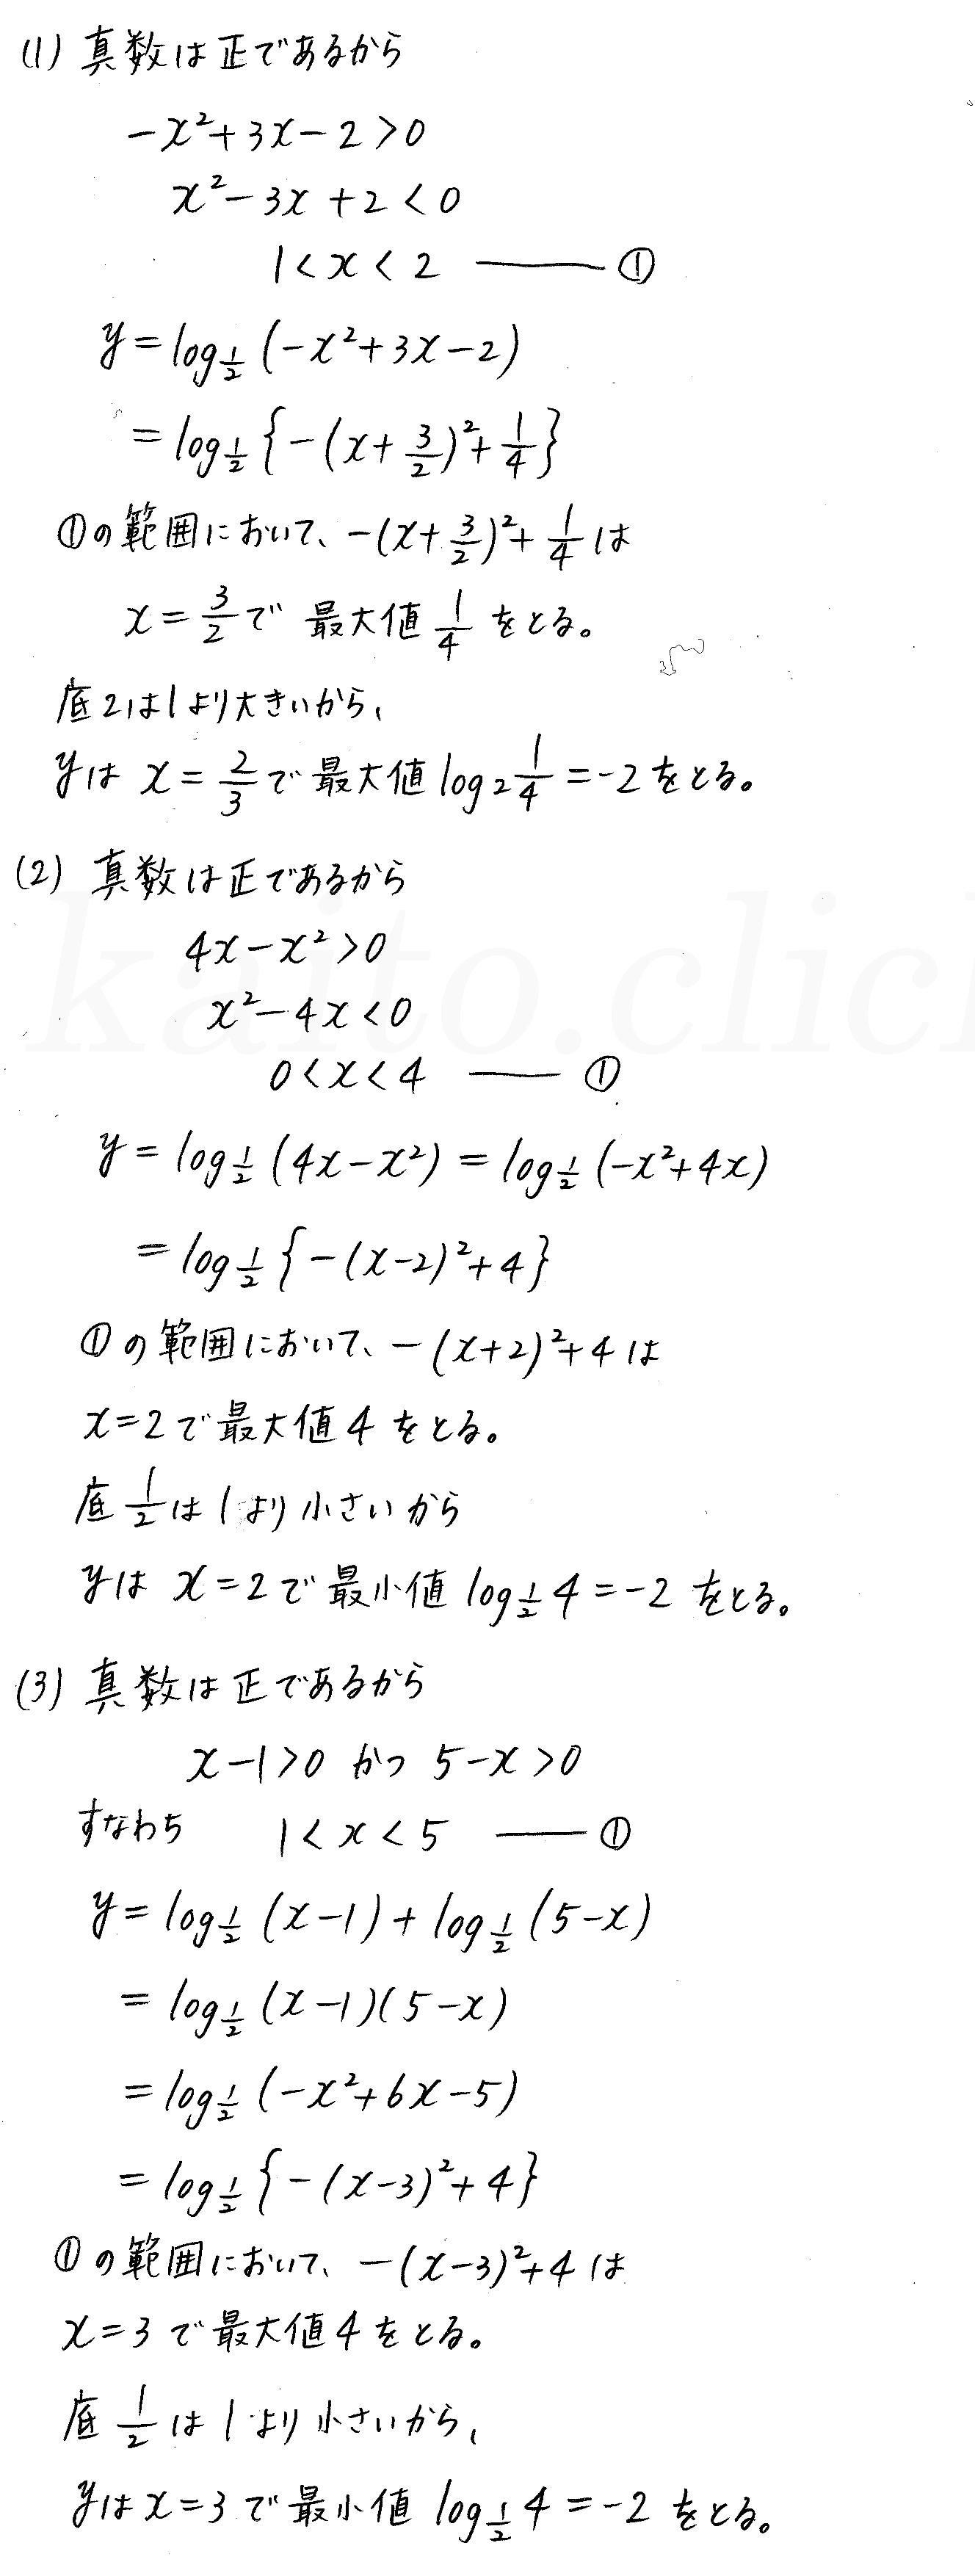 クリアー数学2-362解答